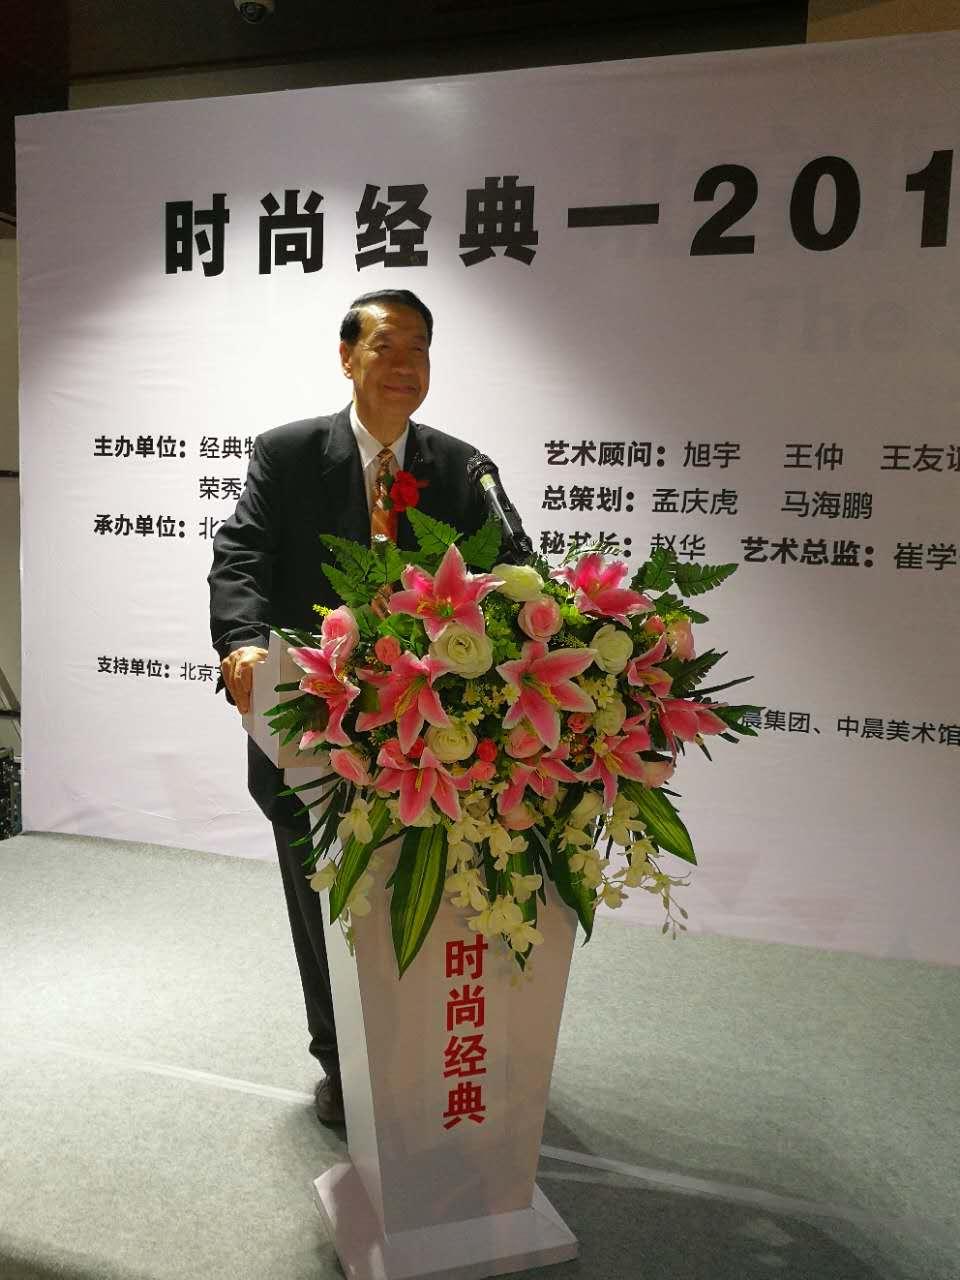 安远《东江源头全景图》在北京展出受瞩目